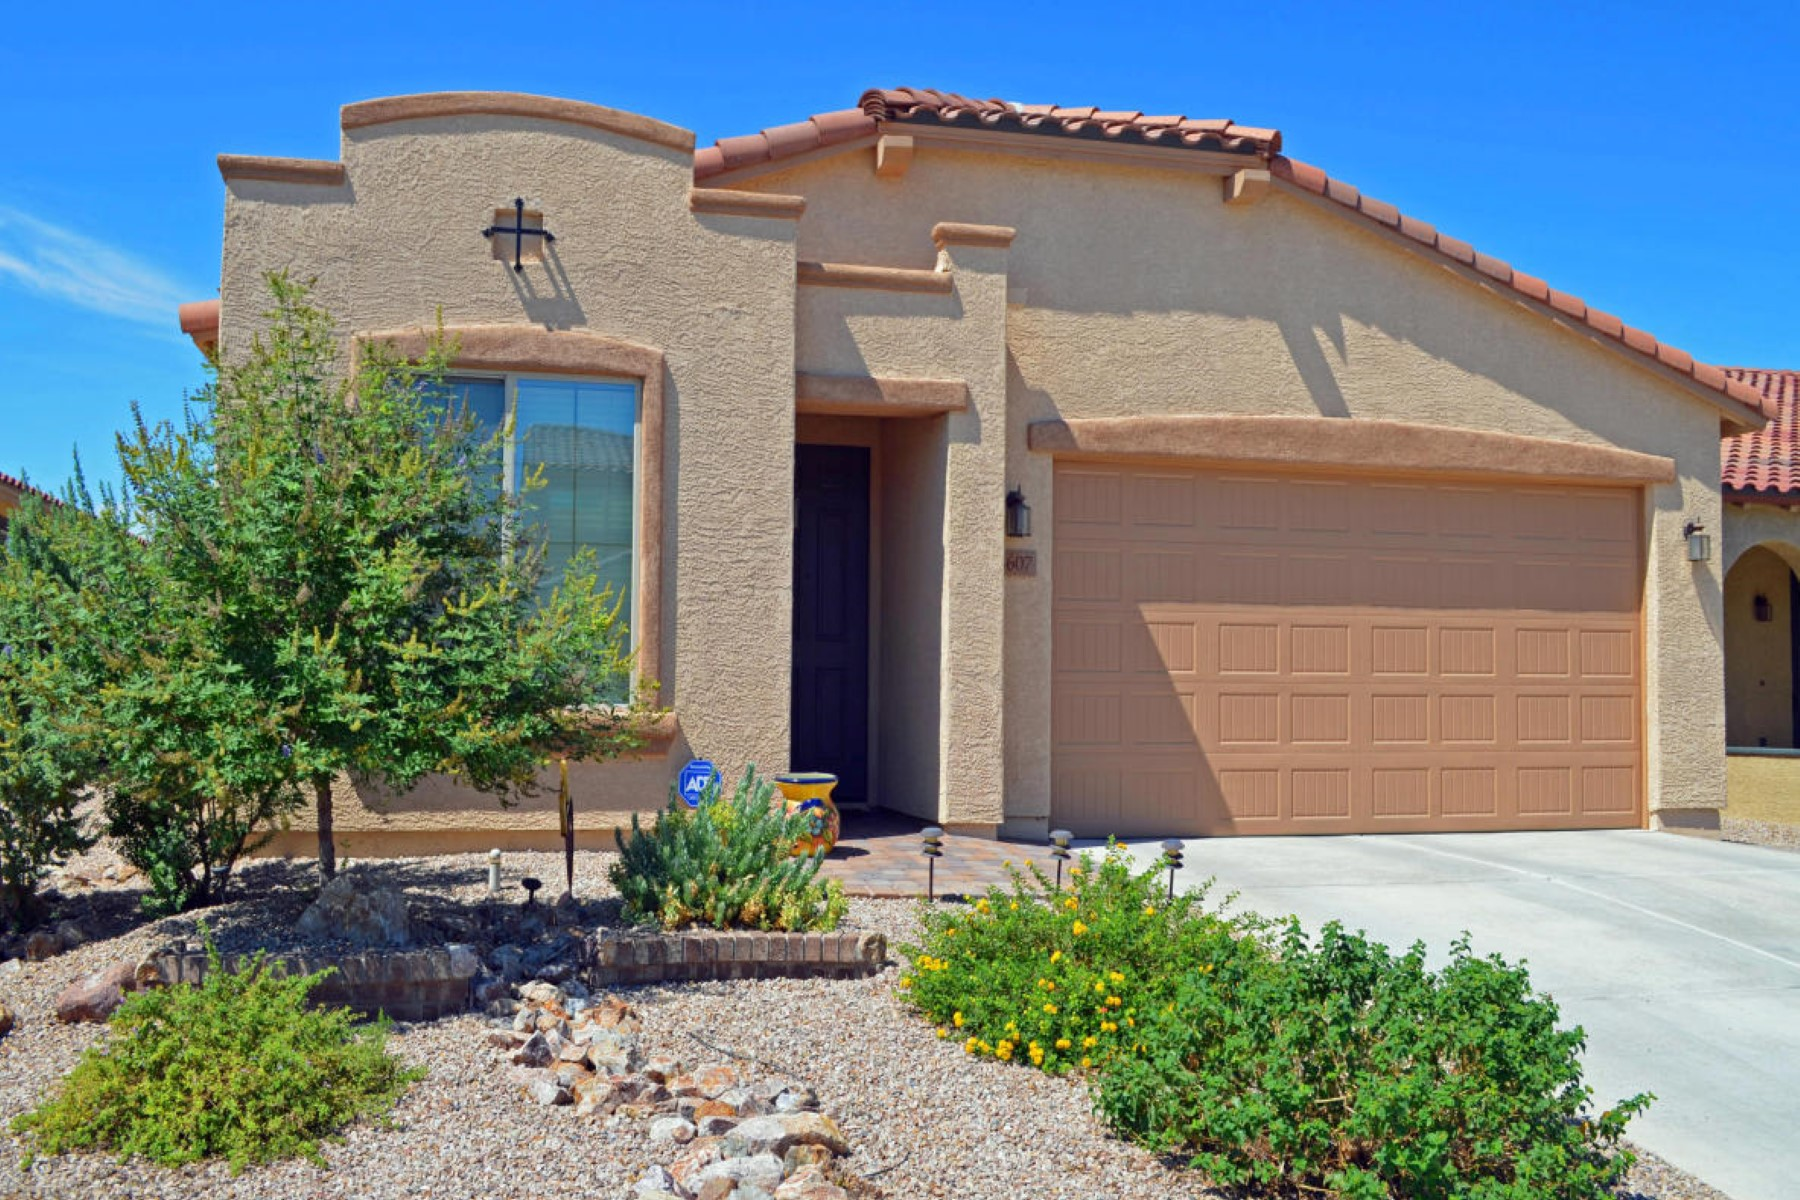 Maison unifamiliale pour l Vente à Beautifully built 2012 Maracay home 8607 N Western Juniper Te N Tucson, Arizona 85743 États-Unis